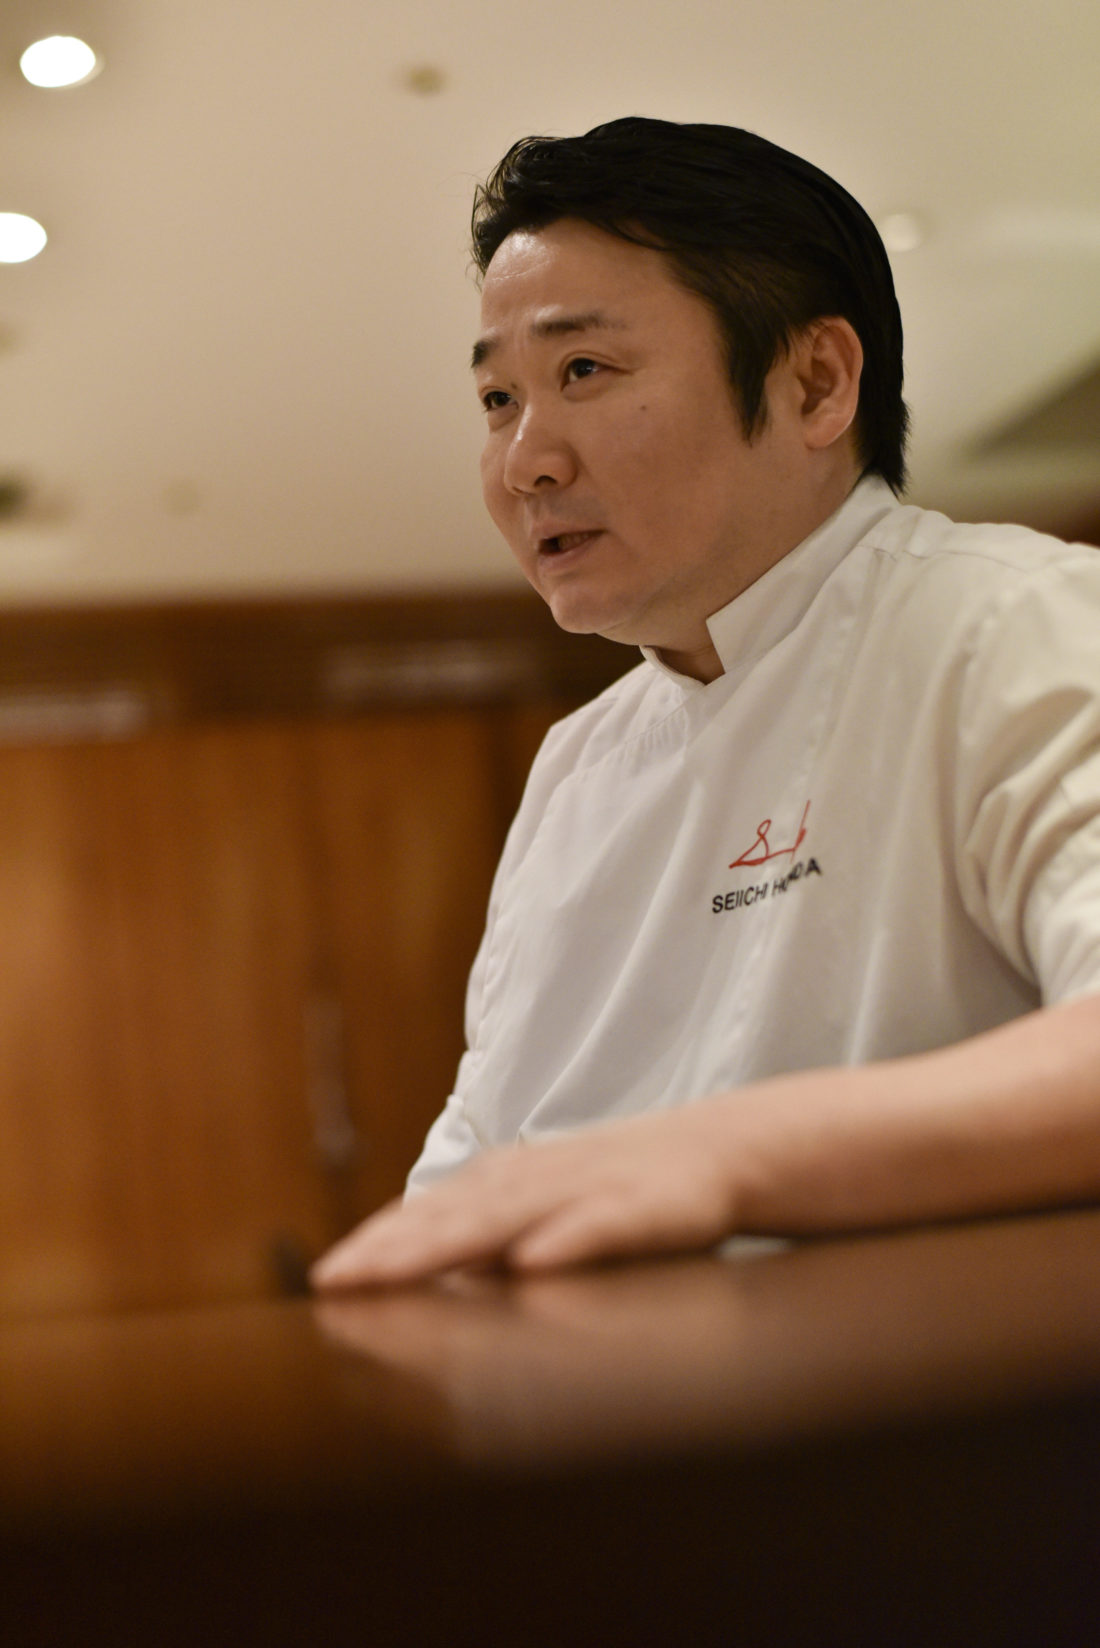 Zurriola Seiichi Honda